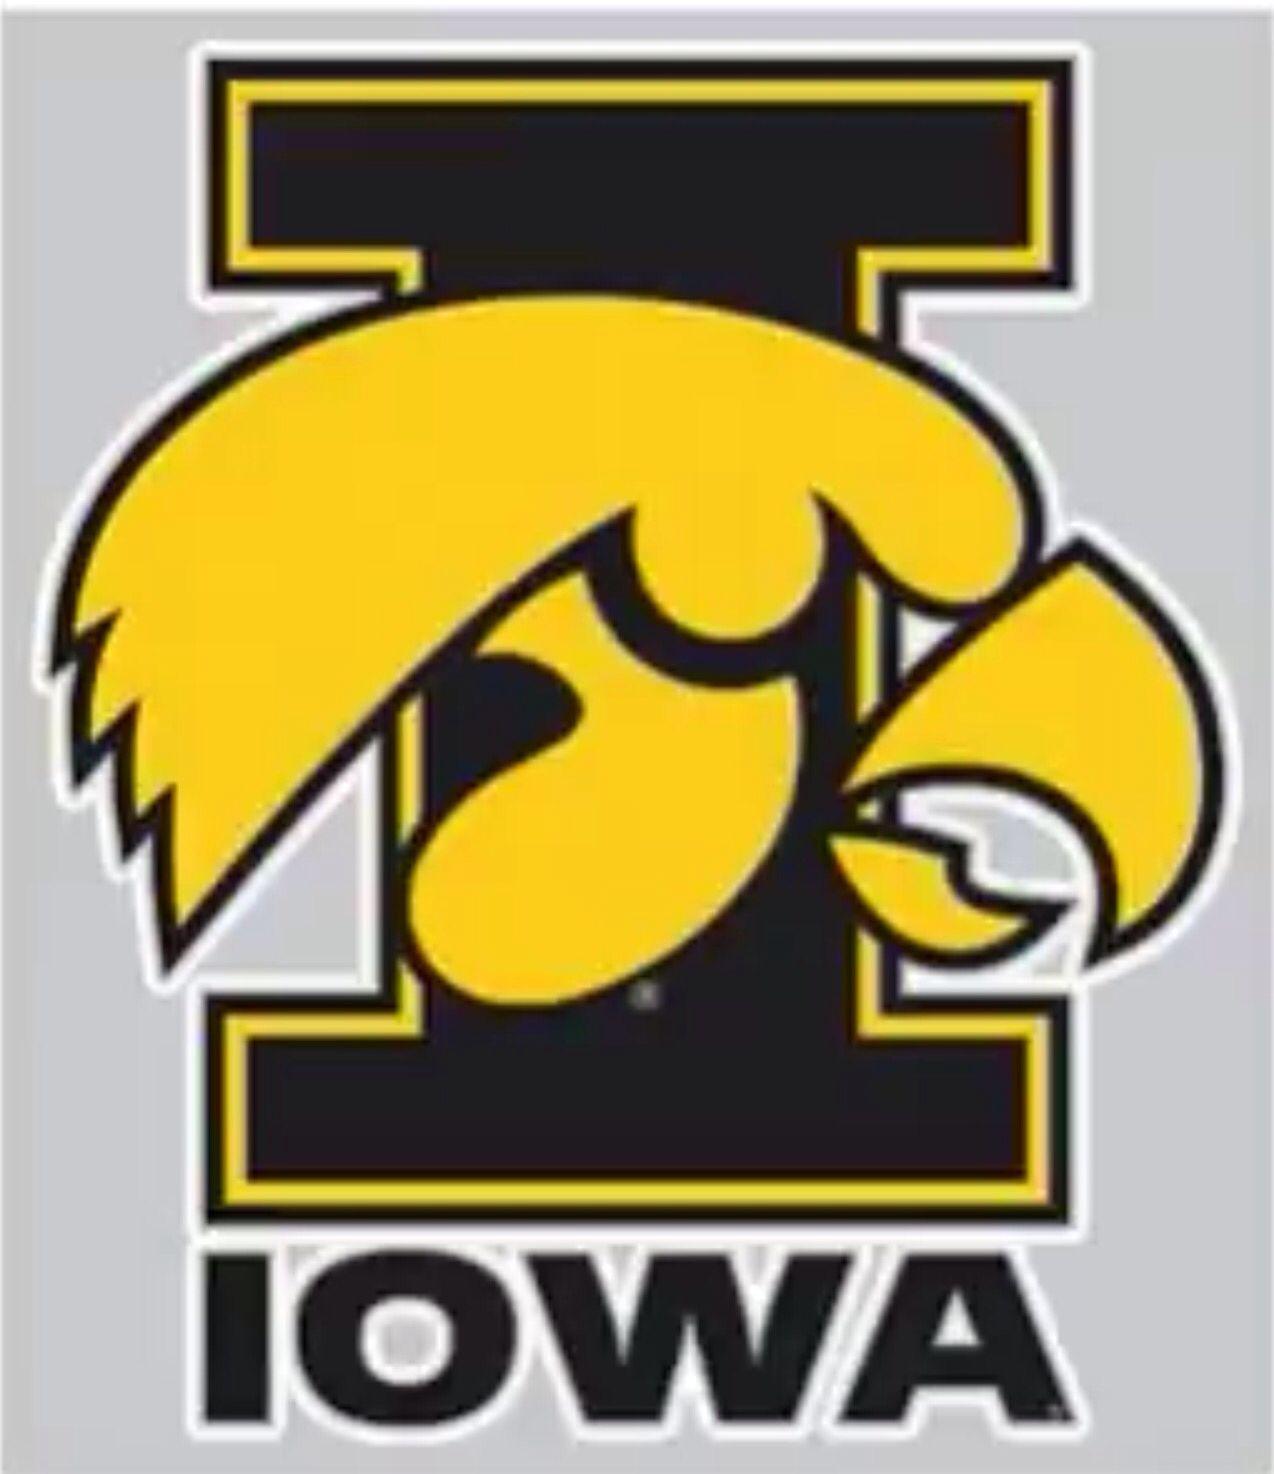 Iowa Hawkeyes Iowa Hawkeyes Hawkeyes Iowa Hawkeye [ 1474 x 1274 Pixel ]